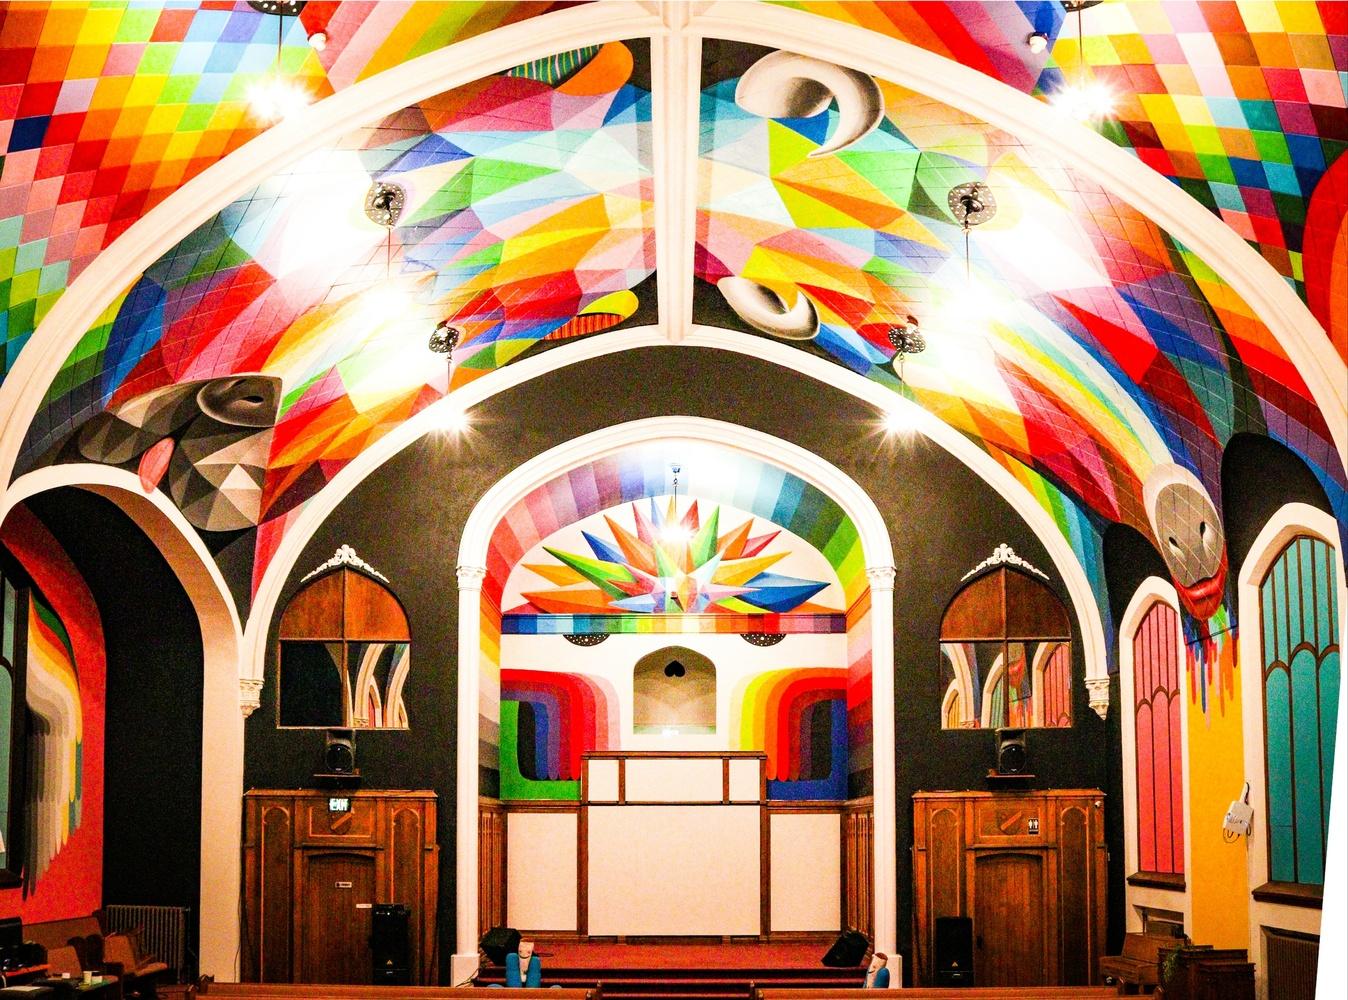 International Church of Cannabis by Gordon Klingensmith